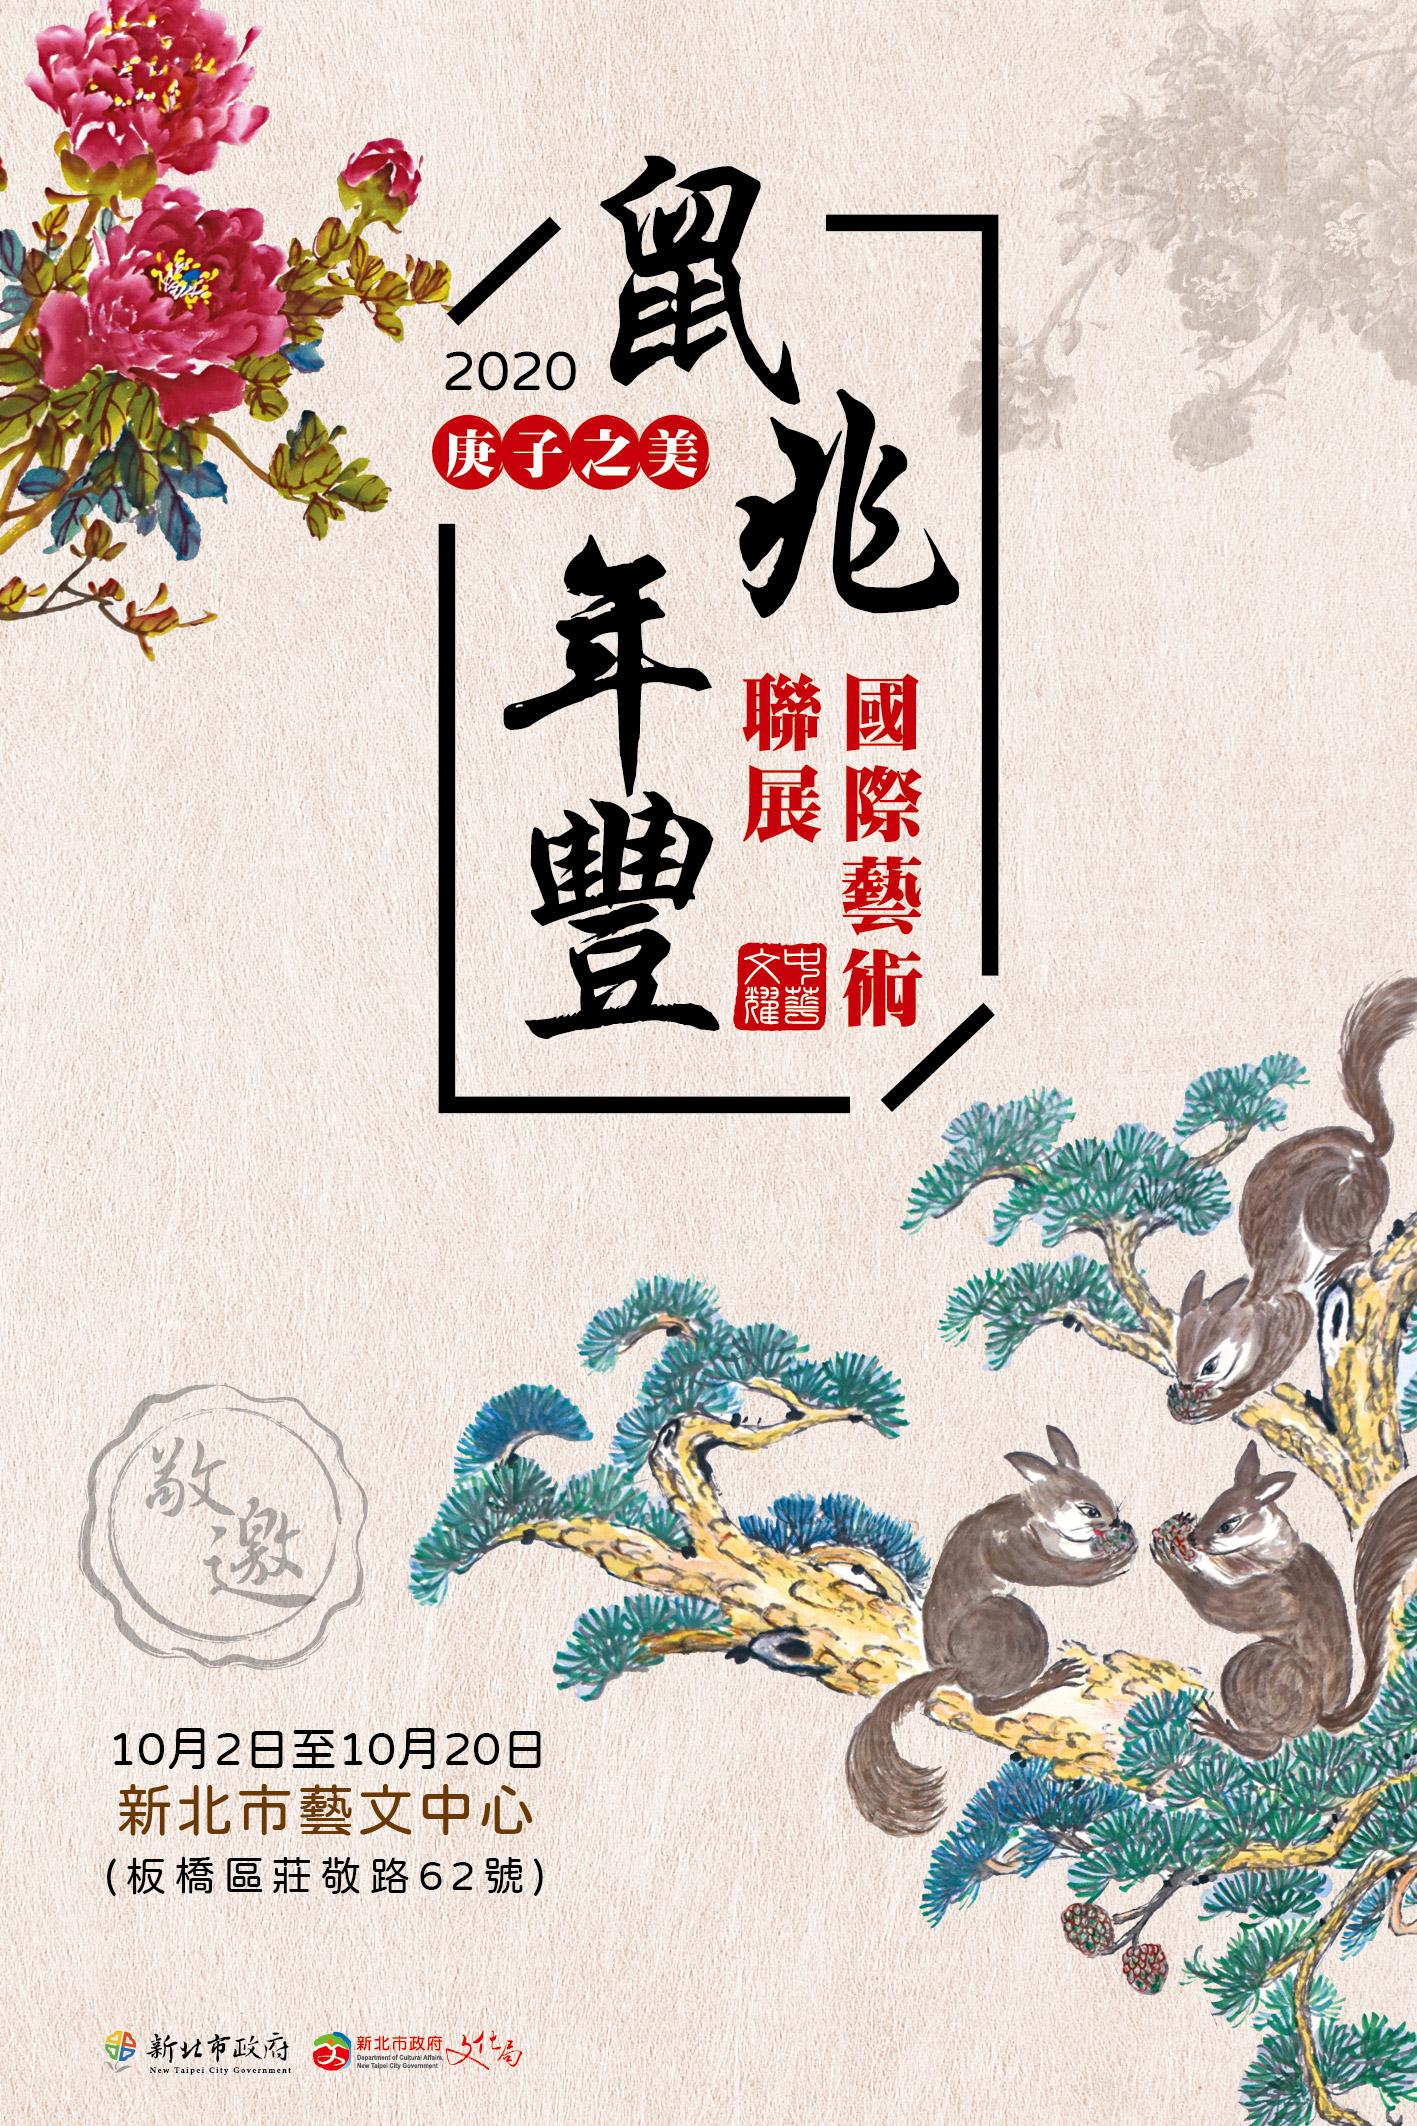 中華文耀.鼠兆年豐.庚子之美-國際藝術聯展